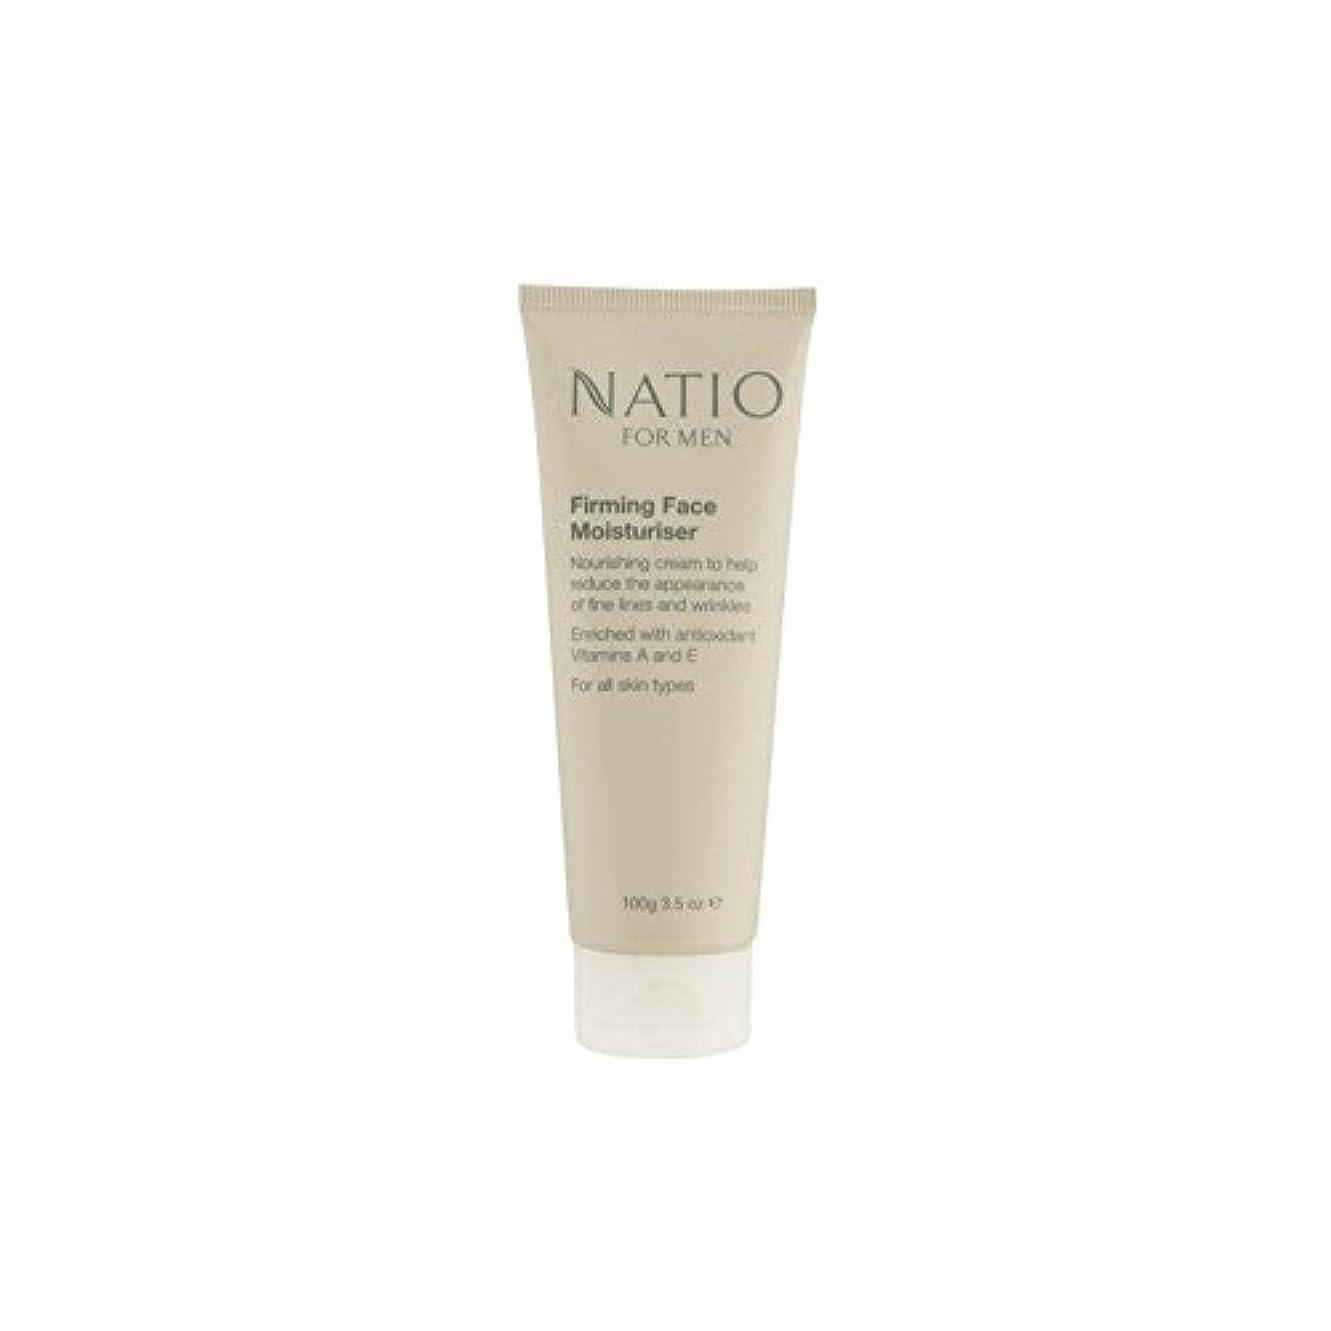 見分ける難破船ロッド顔の保湿剤を引き締め男性のための(100グラム) x4 - Natio For Men Firming Face Moisturiser (100G) (Pack of 4) [並行輸入品]